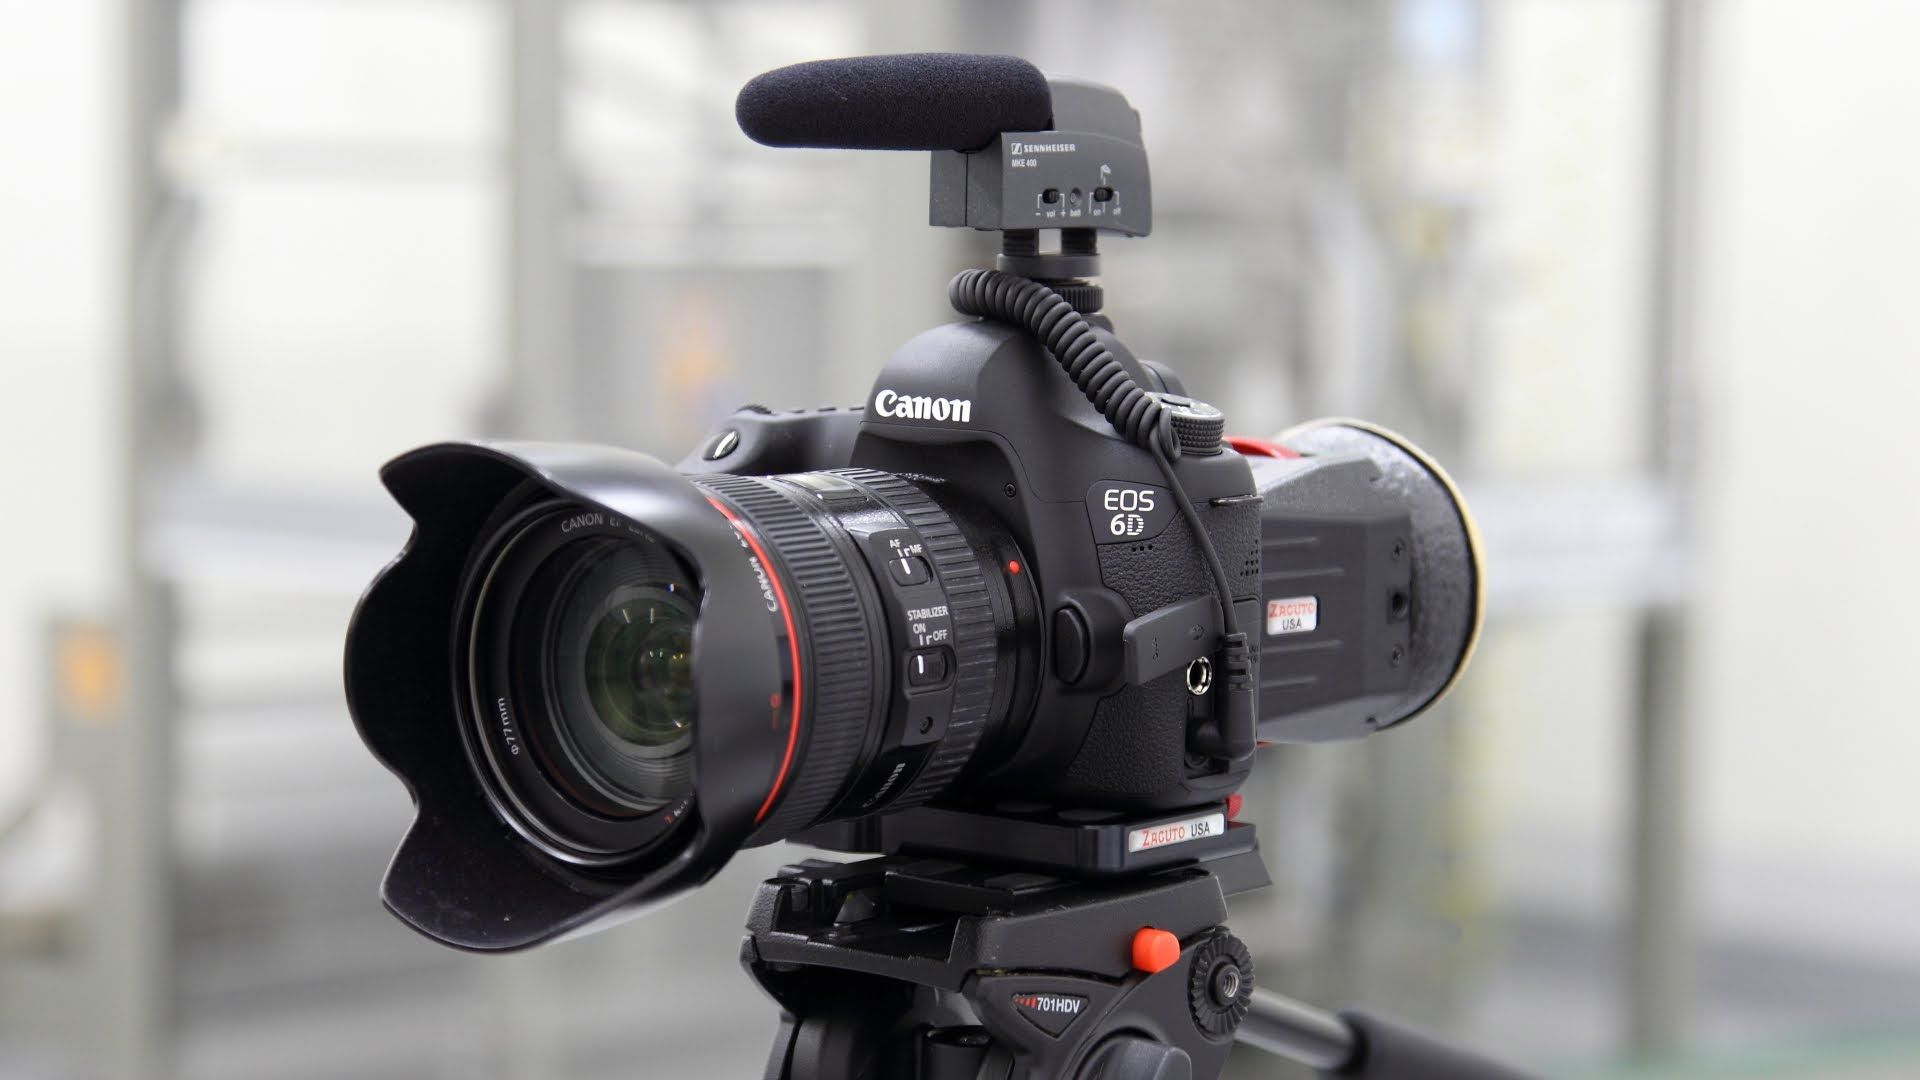 Pin On Canon Cameras Lenses Reviews